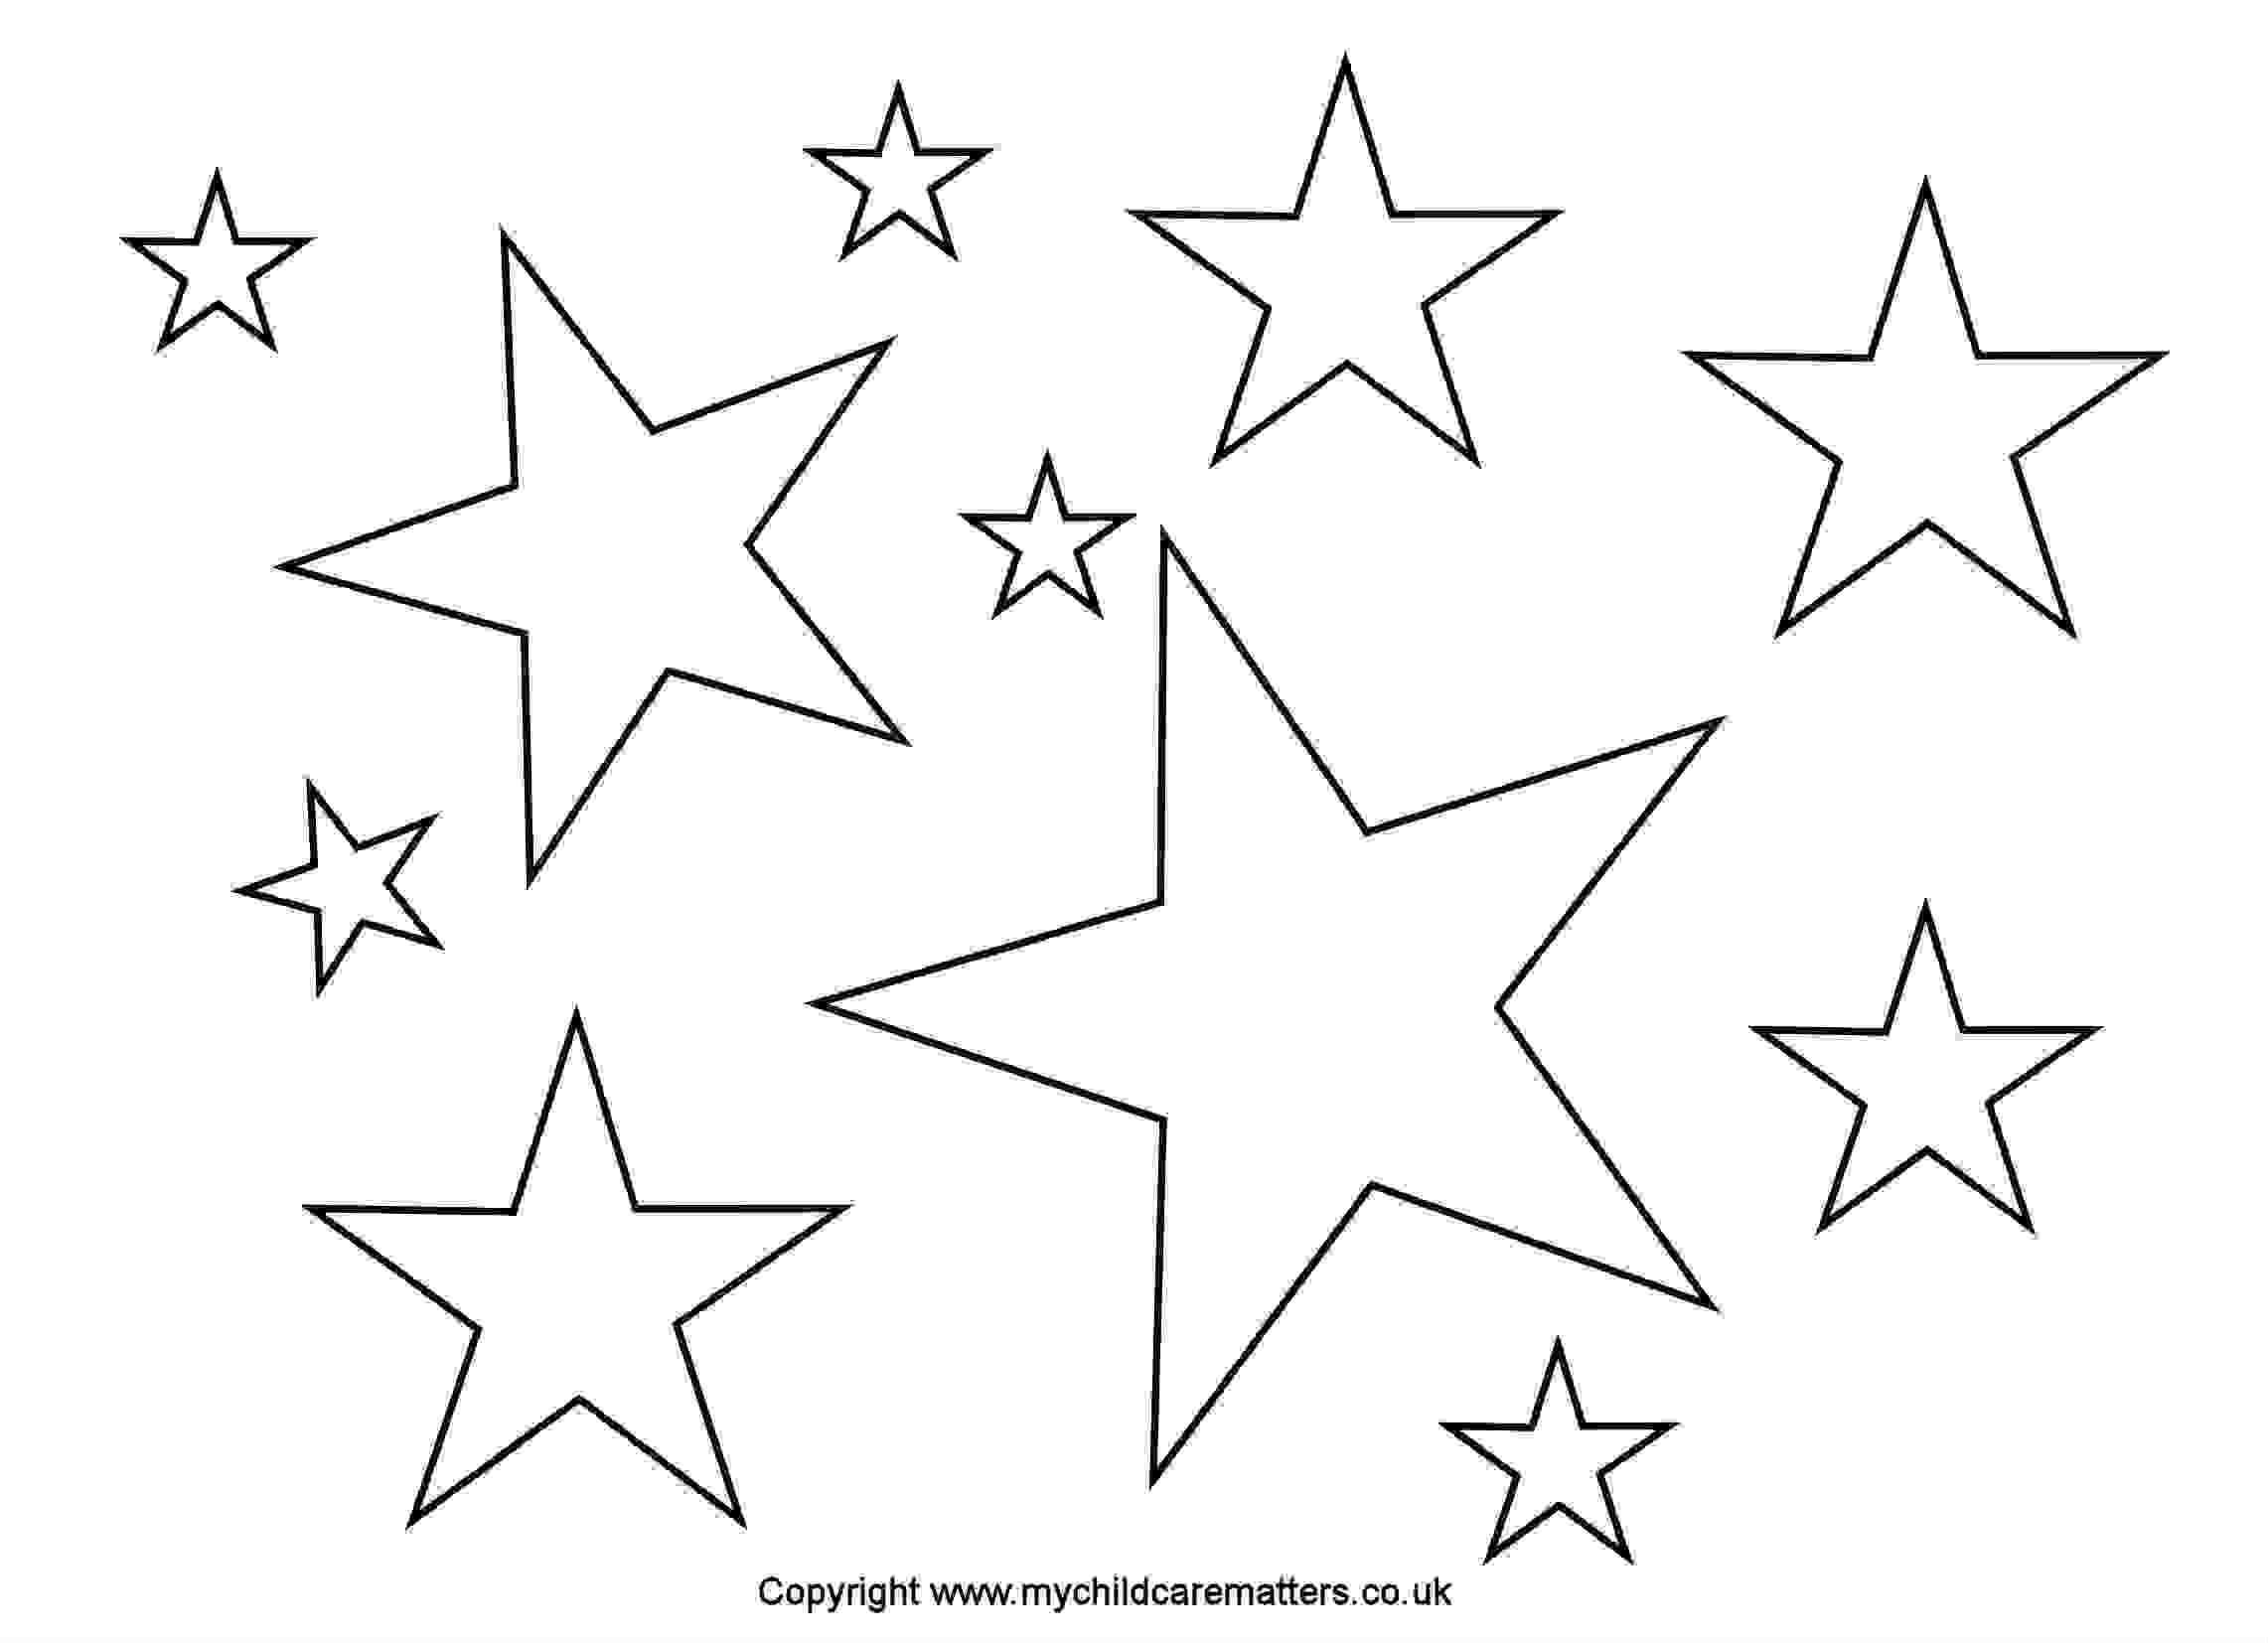 Star outline images stars outline greeting cards black